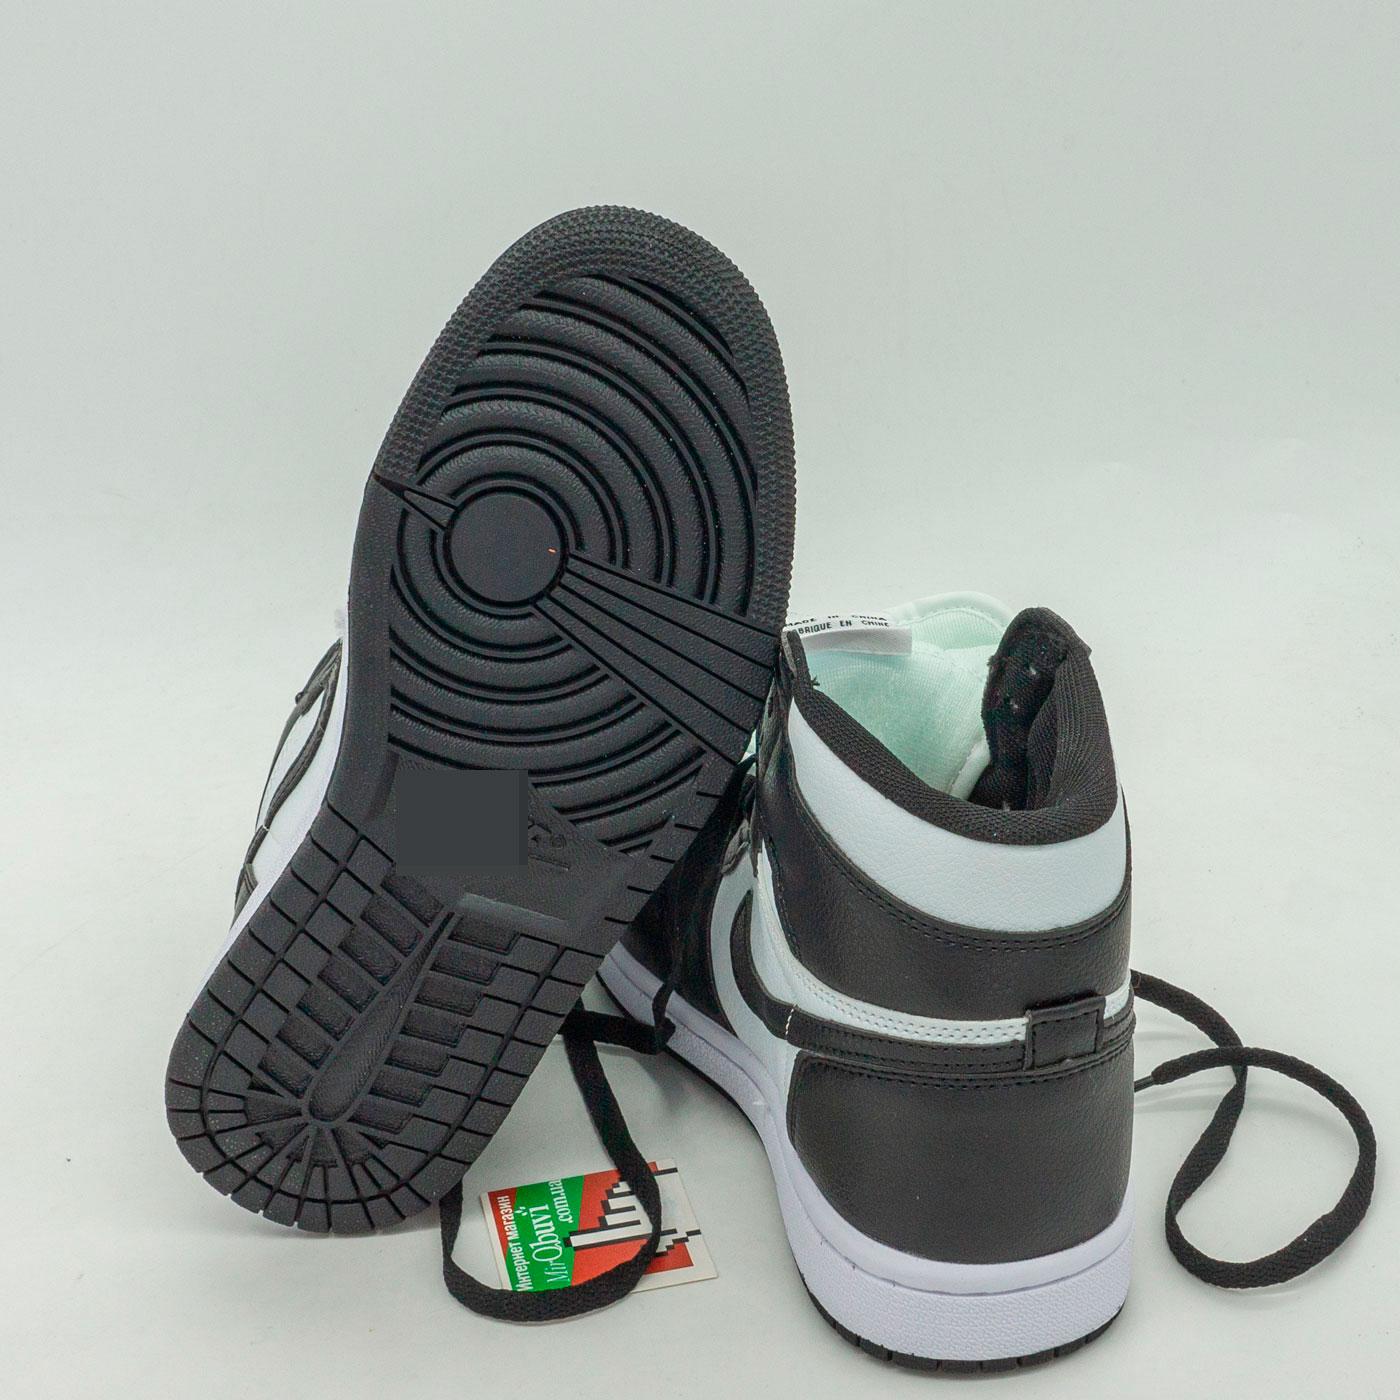 фото bottom Высокие черно белые кроссовки Nke Air Jordan 1 bottom